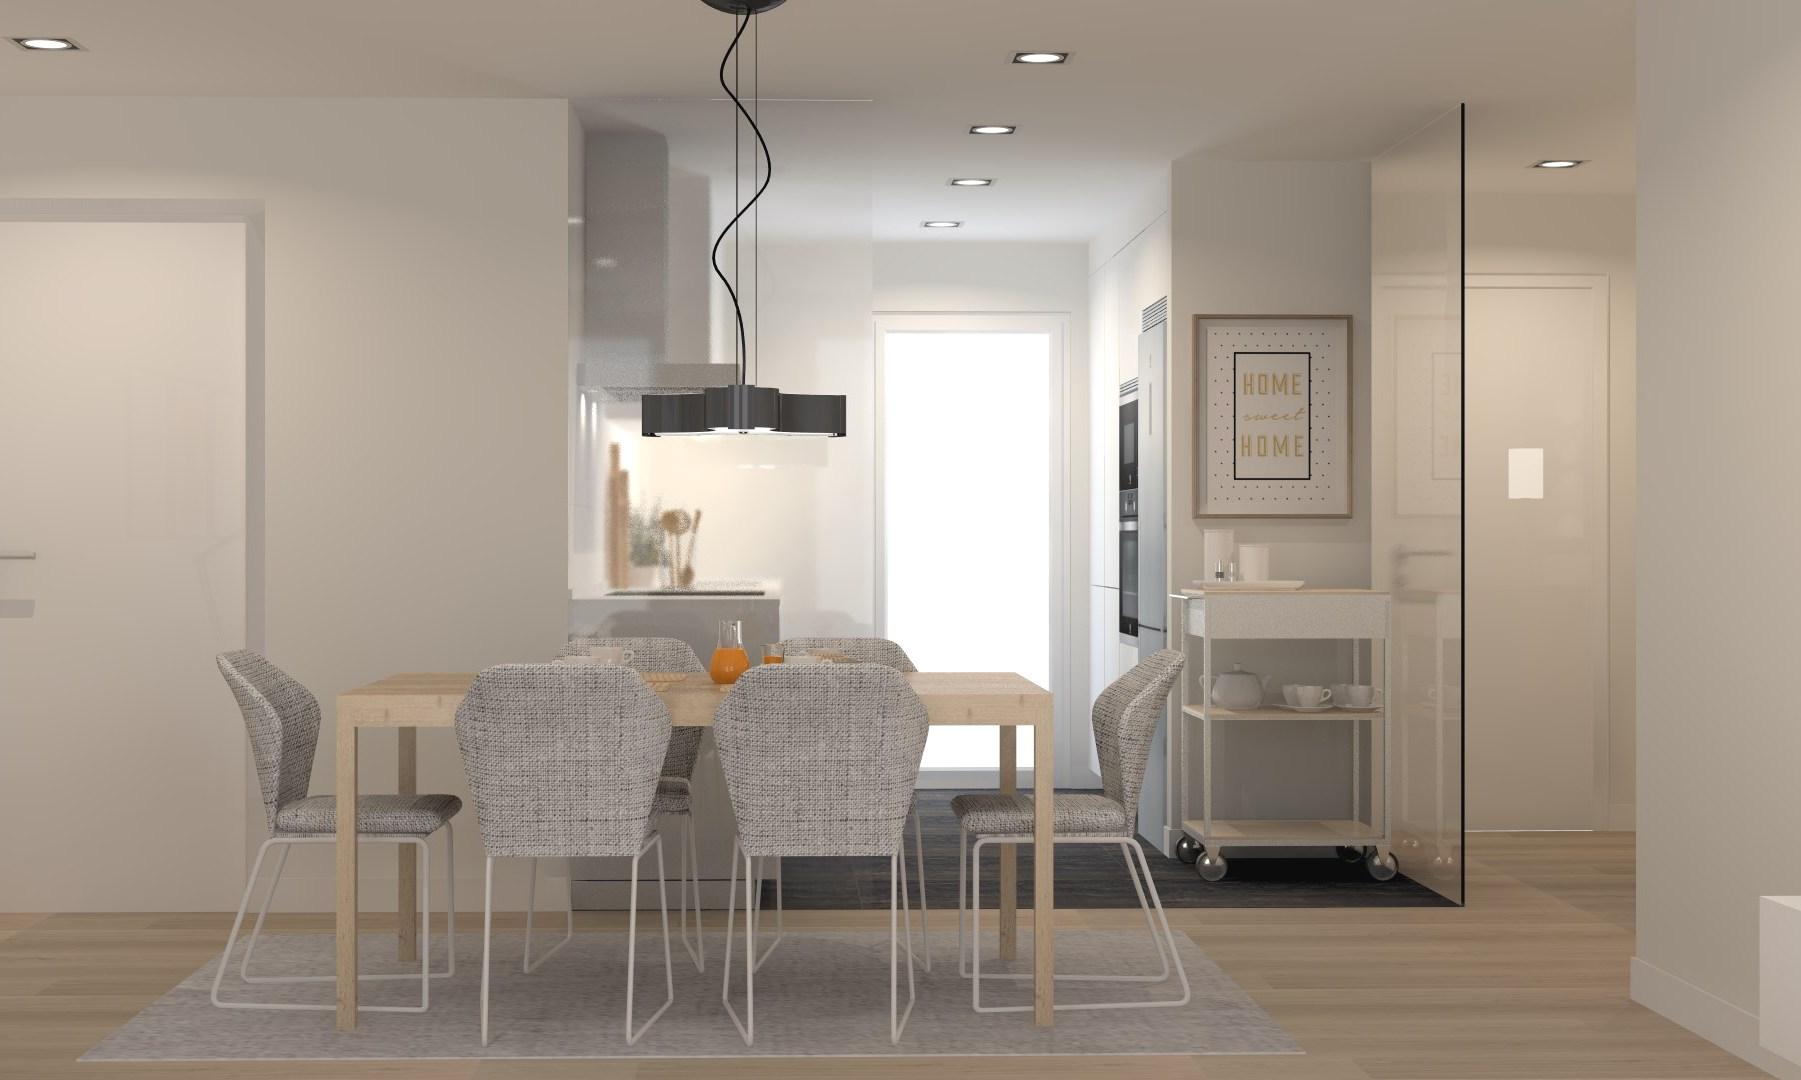 Cocinas pequeñas en paralelo abiertas en el lateral